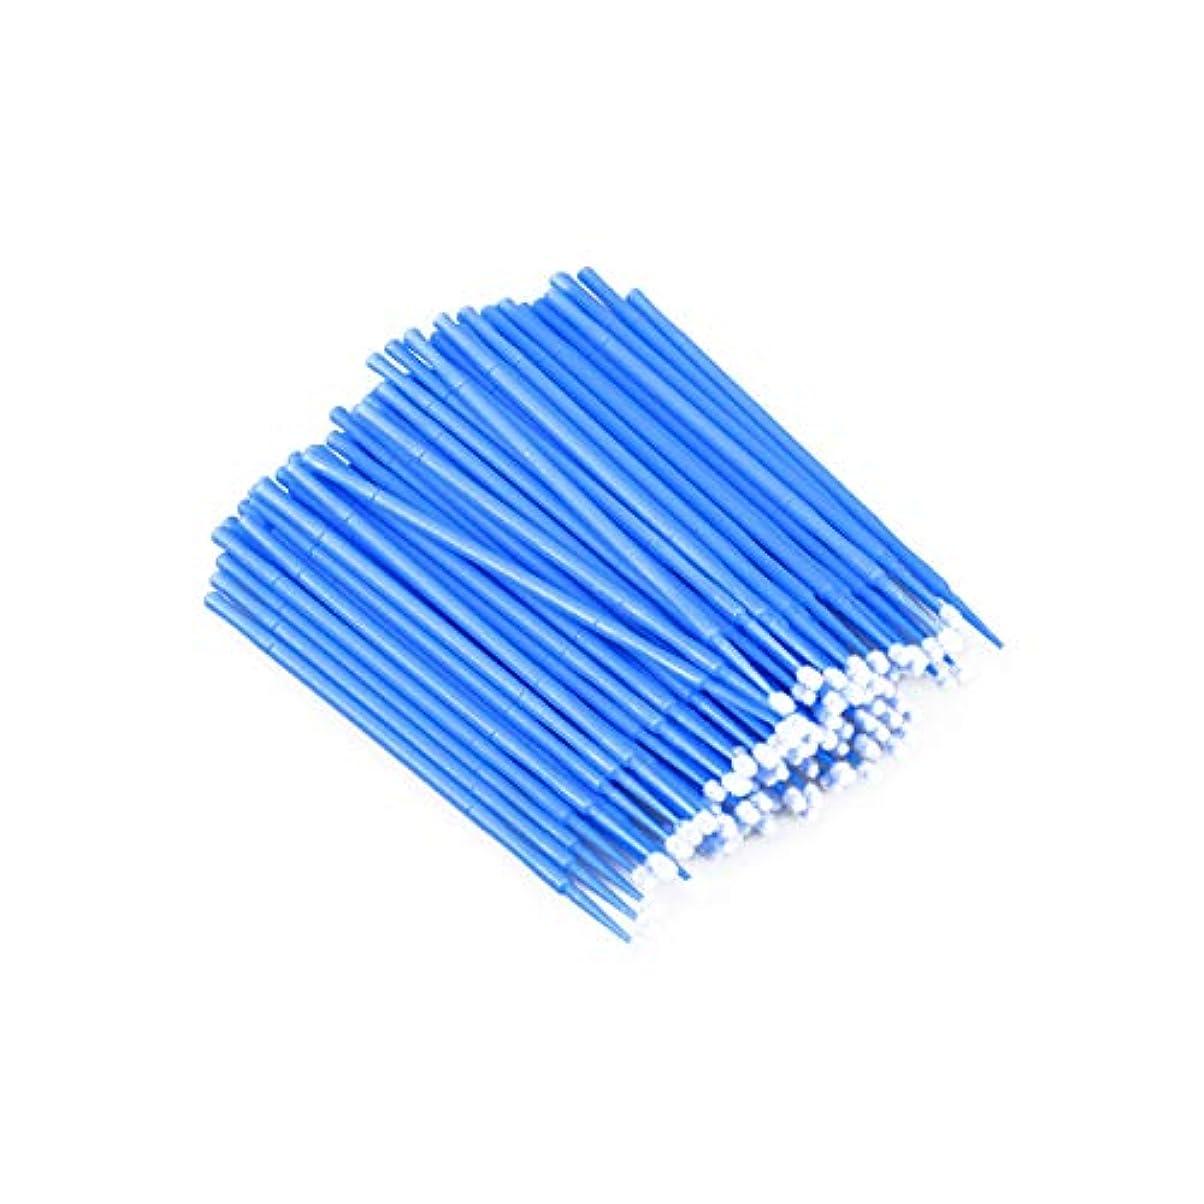 湿原ピア狂乱100個使い捨てマイクロアプリケーターブラシまつげエクステンション綿棒まつげマイクロブラシワンドメイクアップツール(青、ブラシ径2mm)